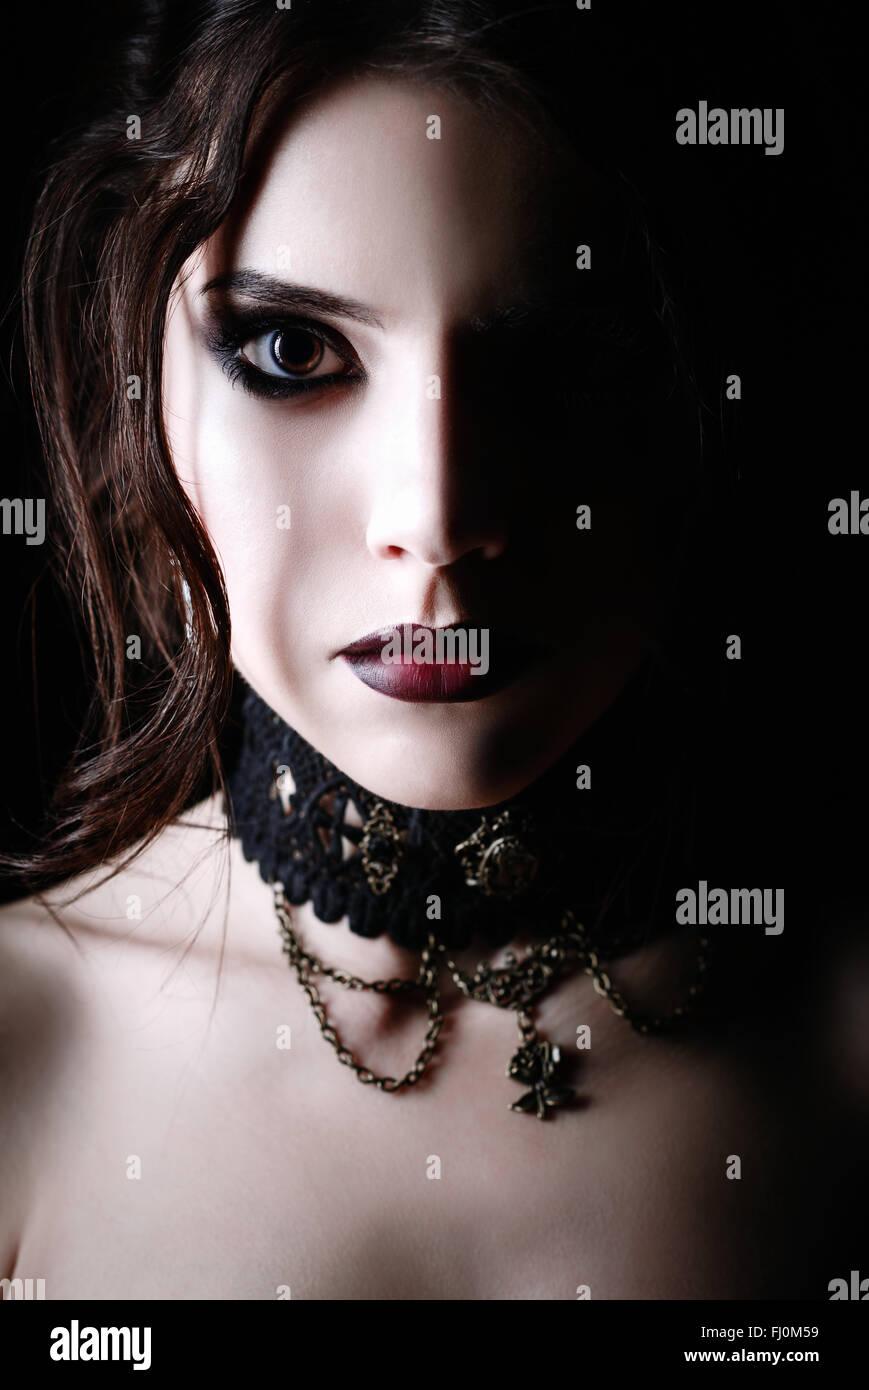 Kostenlose Bilder von jungen Gothic Girls, Heiße blonde Sexstellungen